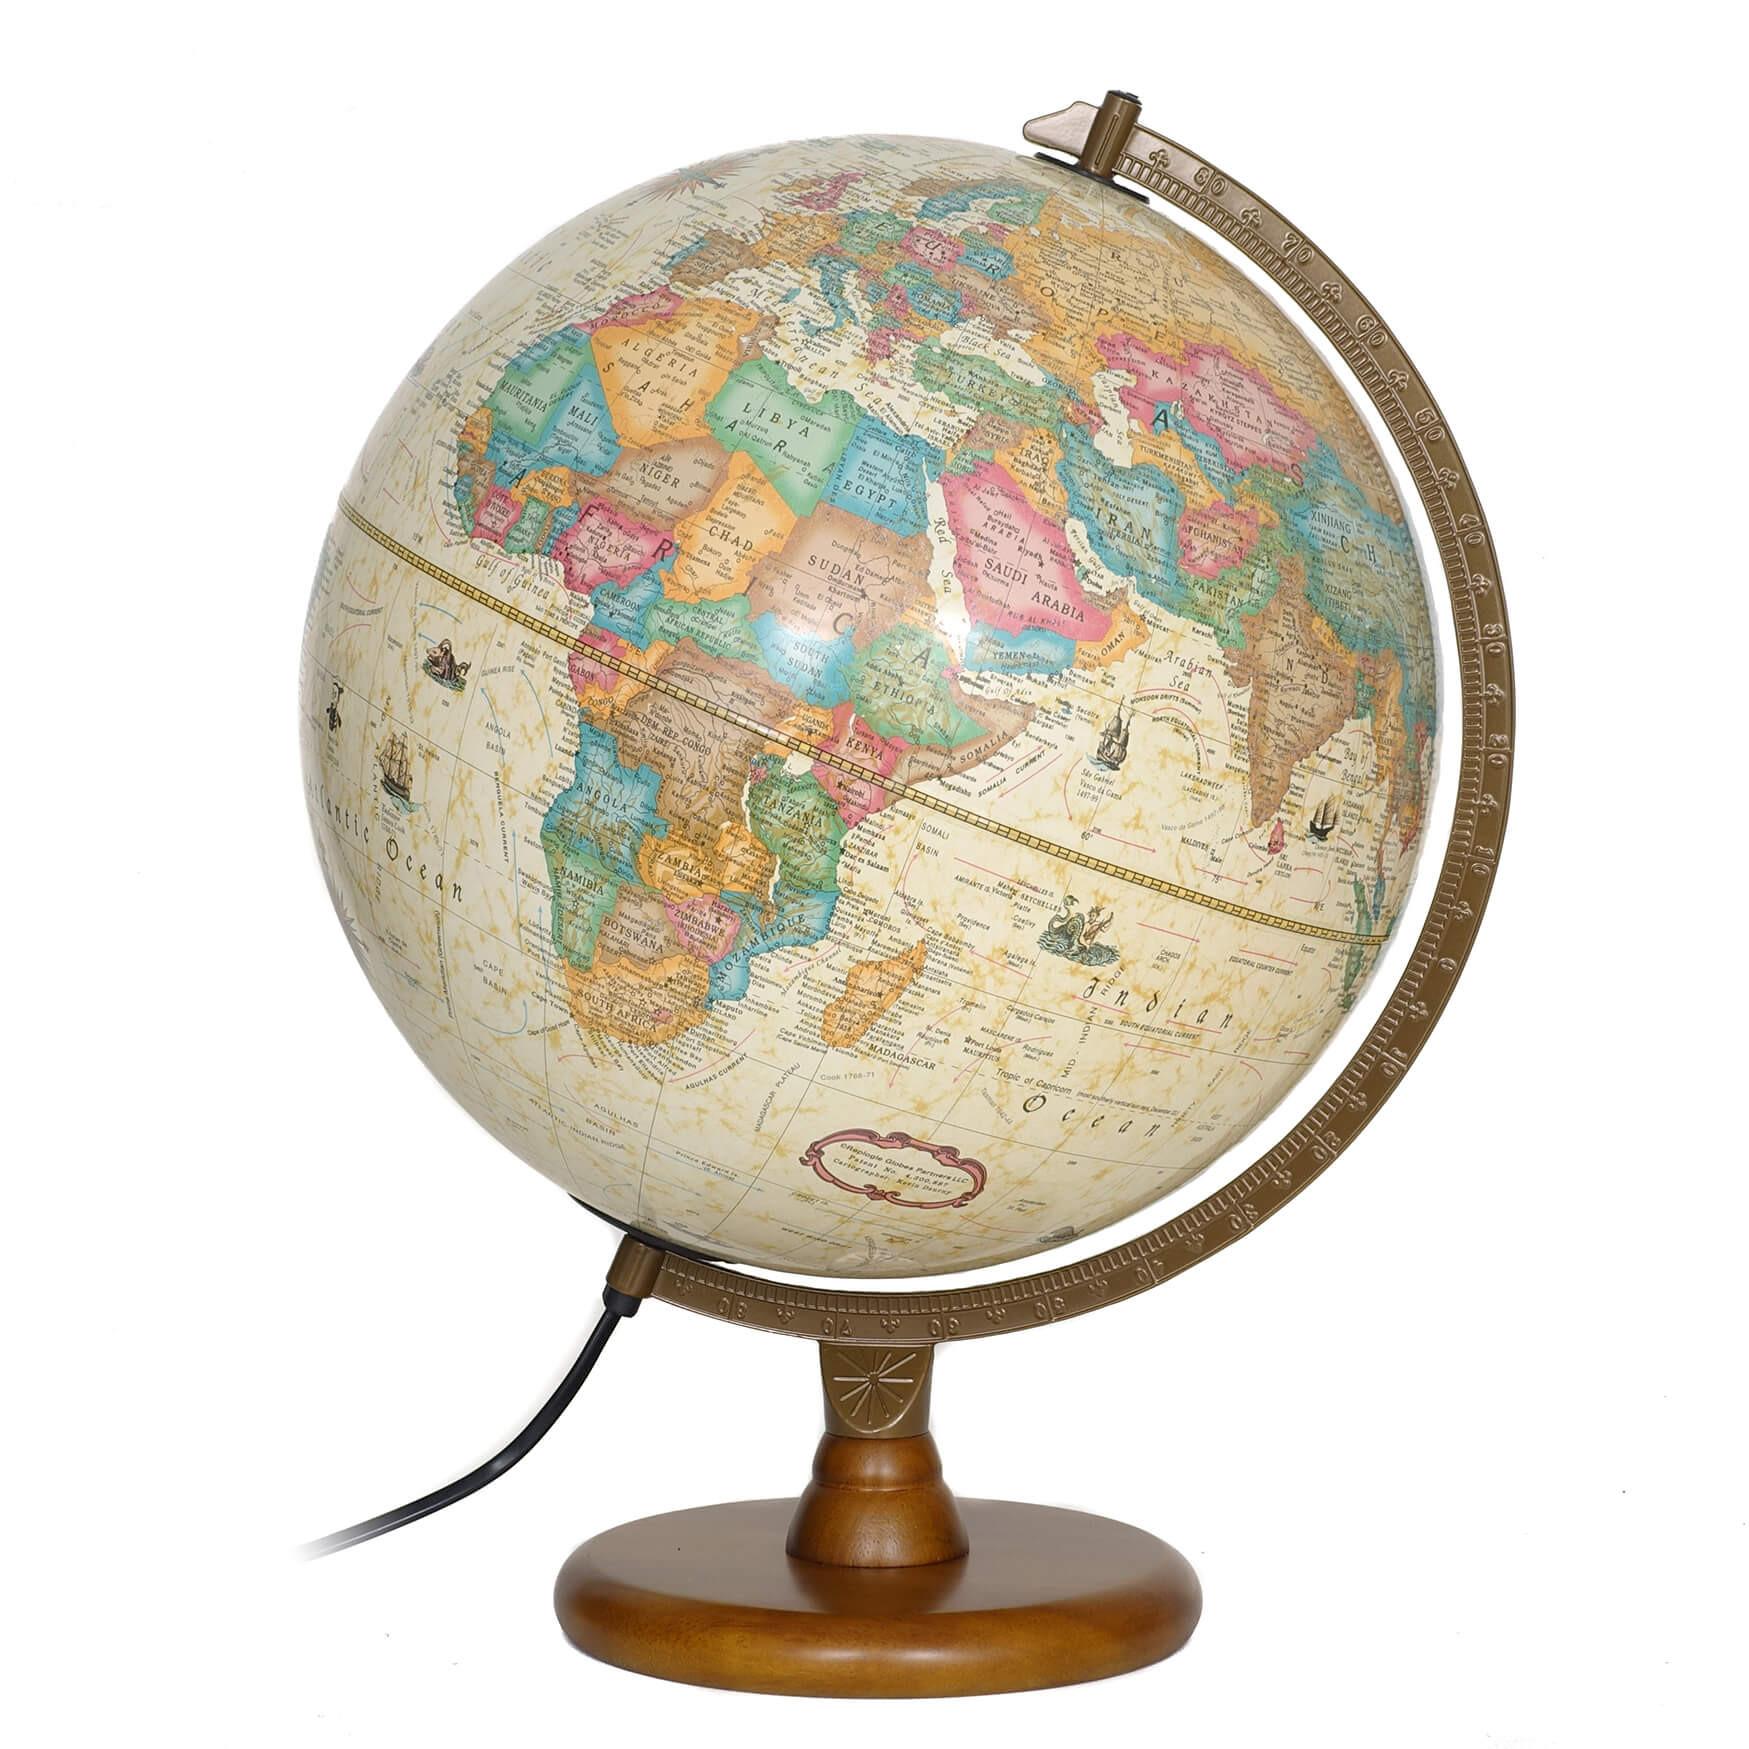 Hastings Antique Illuminated Globe